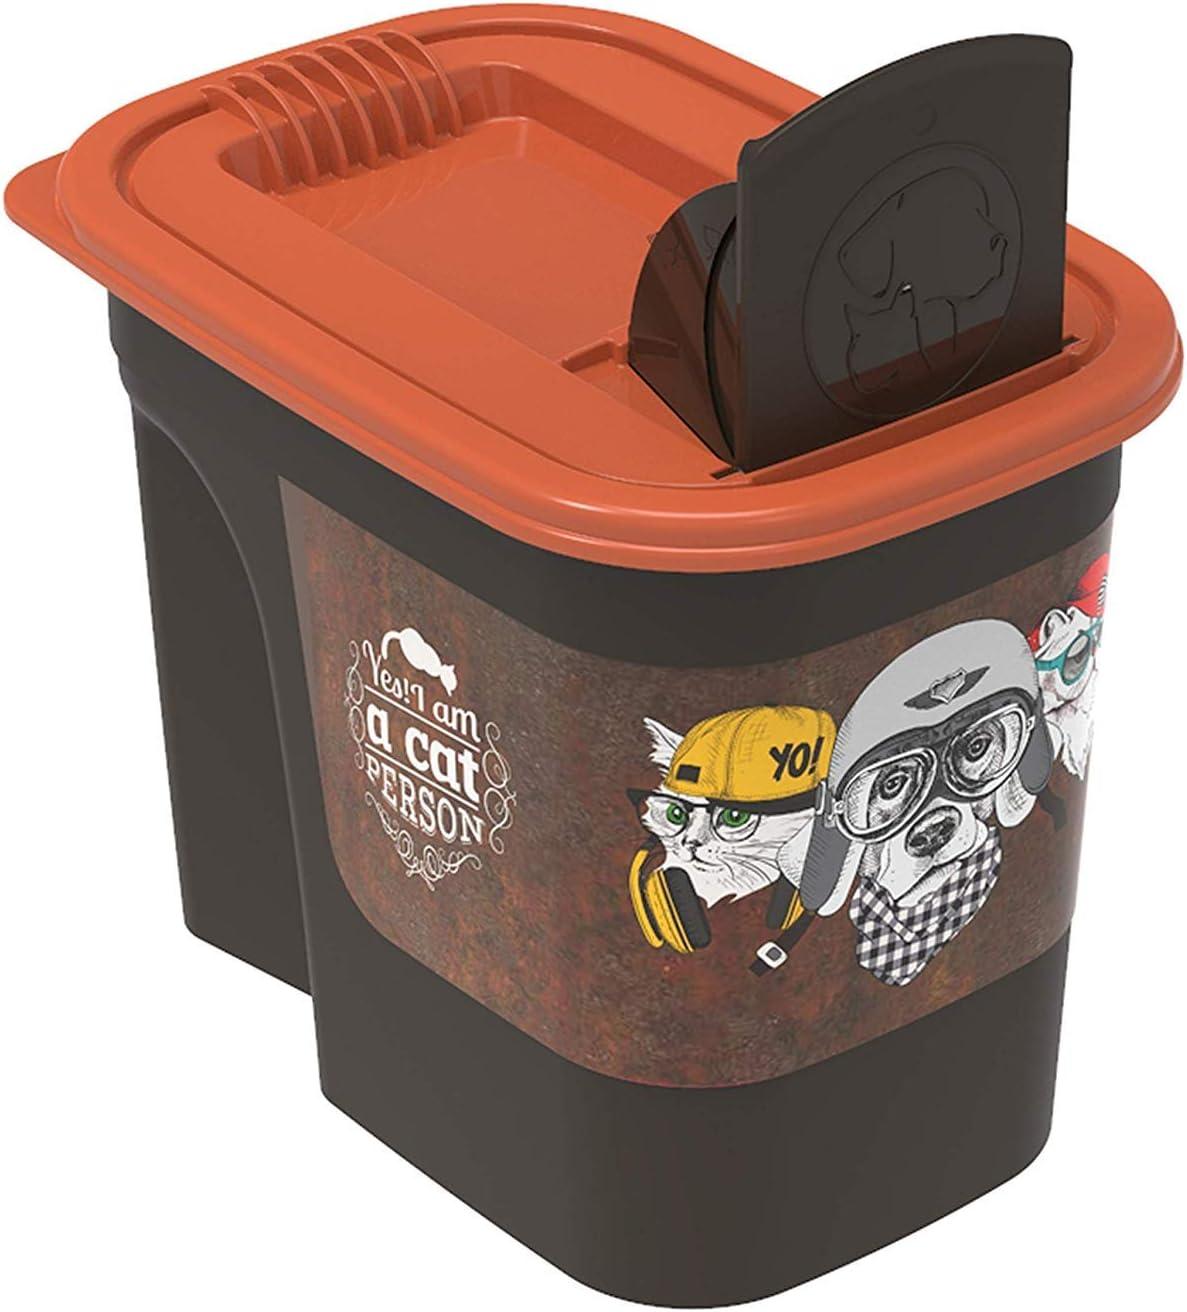 Rotho Flo, Caja de comida para mascotas de 2.2 l con tapa y solapa, Plástico PP sin BPA, marrón, naranja, 2.2l 19.5 x 13.6 x 16.2 cm: Amazon.es: Productos para mascotas